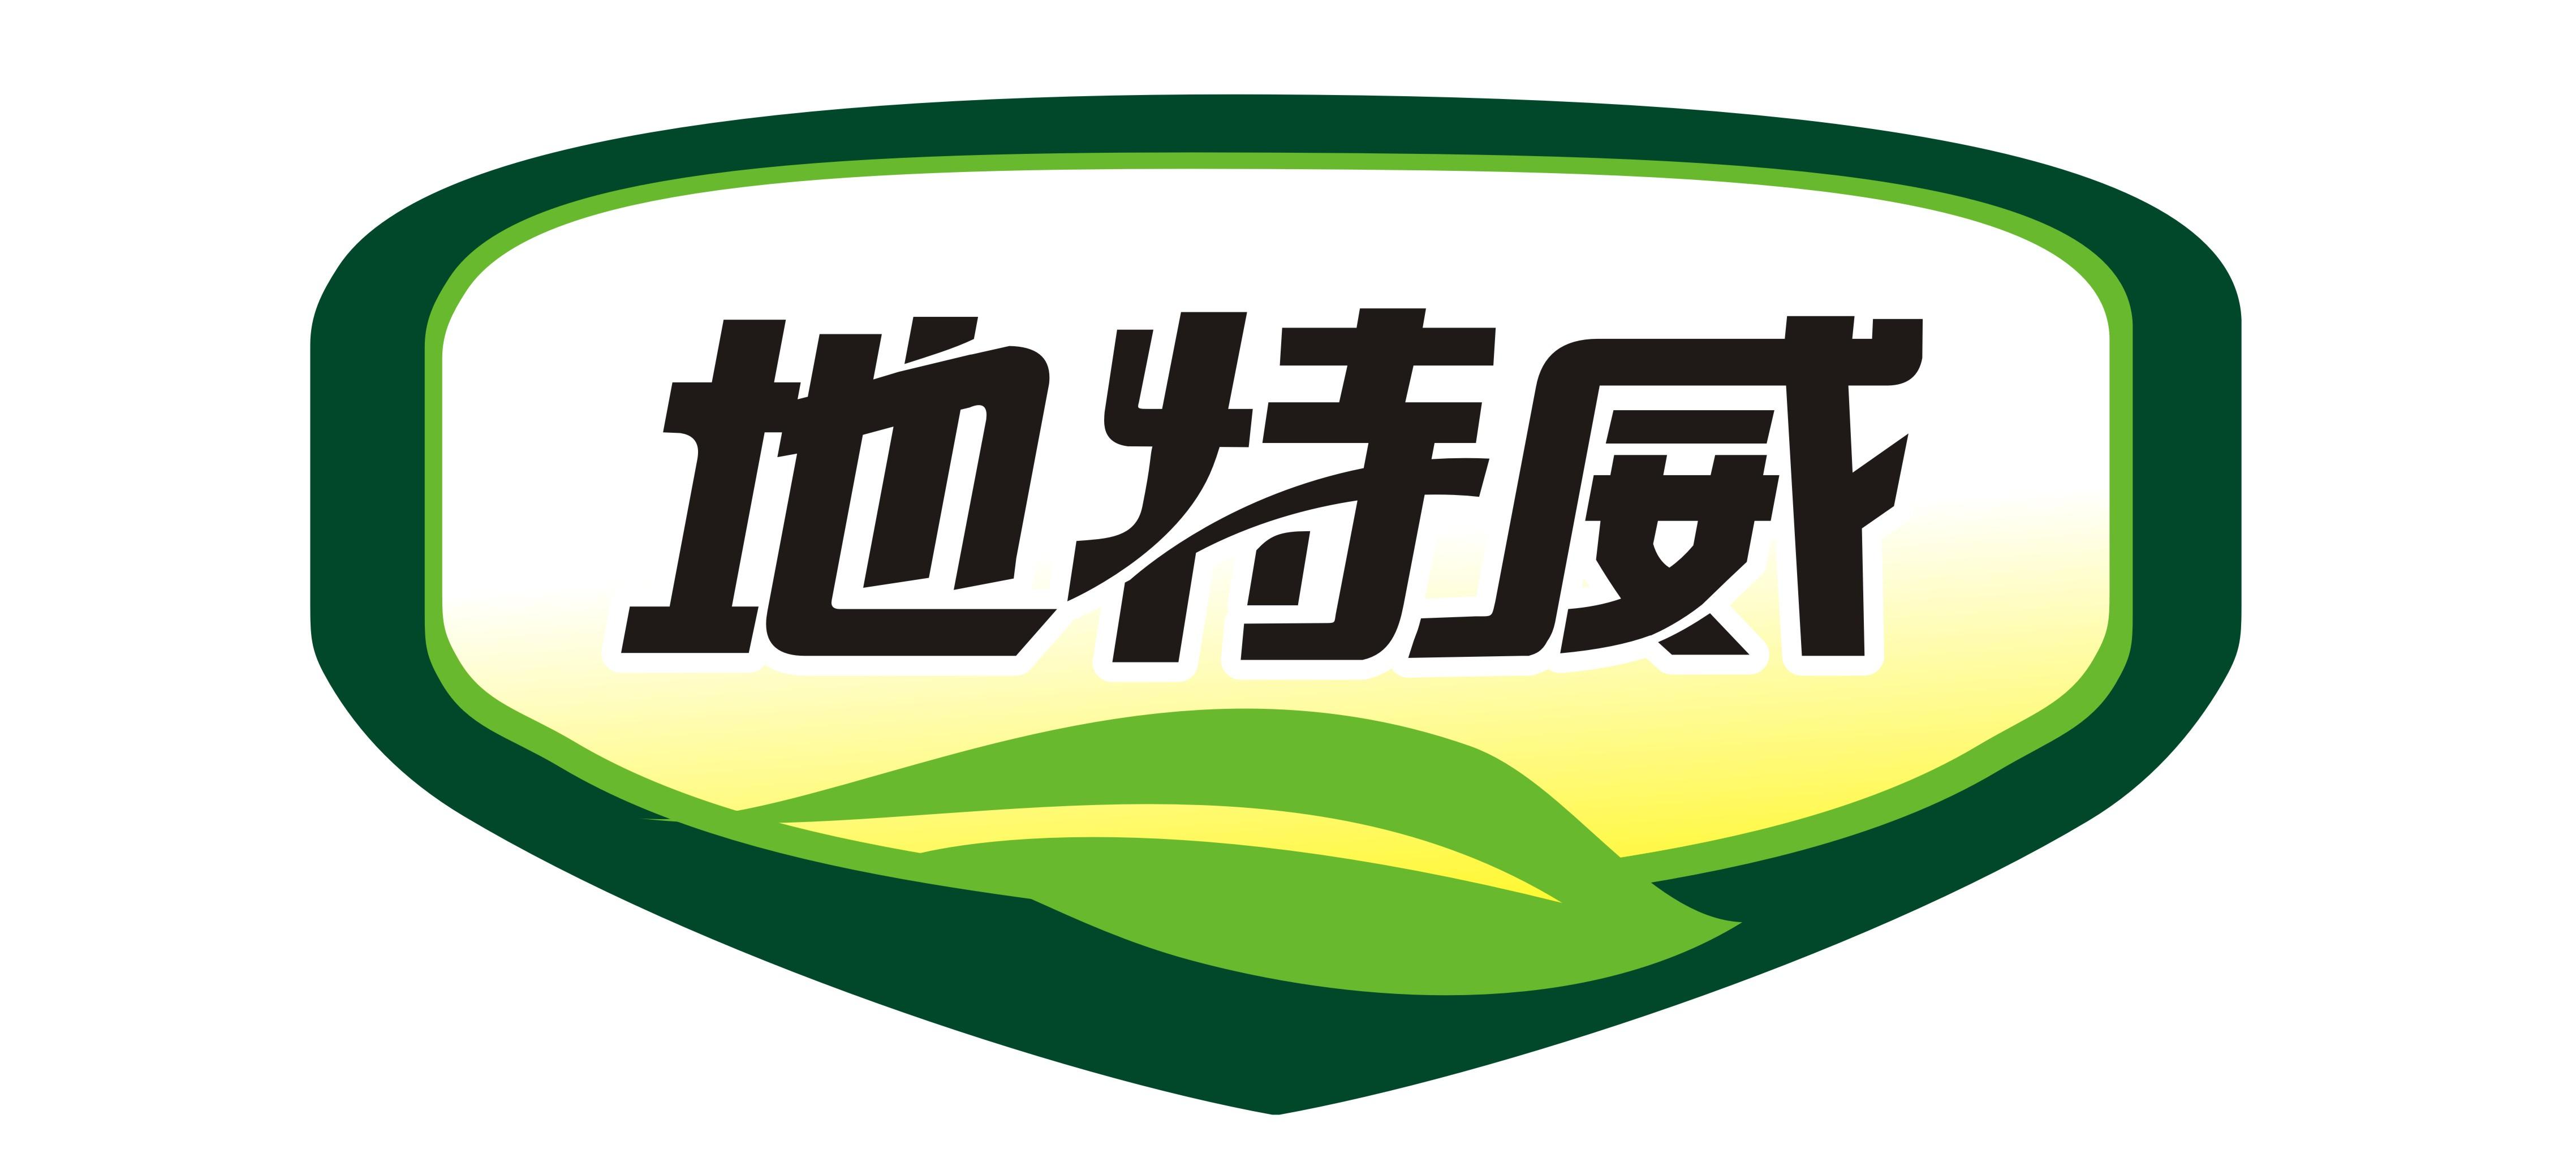 叶面肥配方好,地特威液肥不但和农药混用增加药效,解药害也是这么神奇!